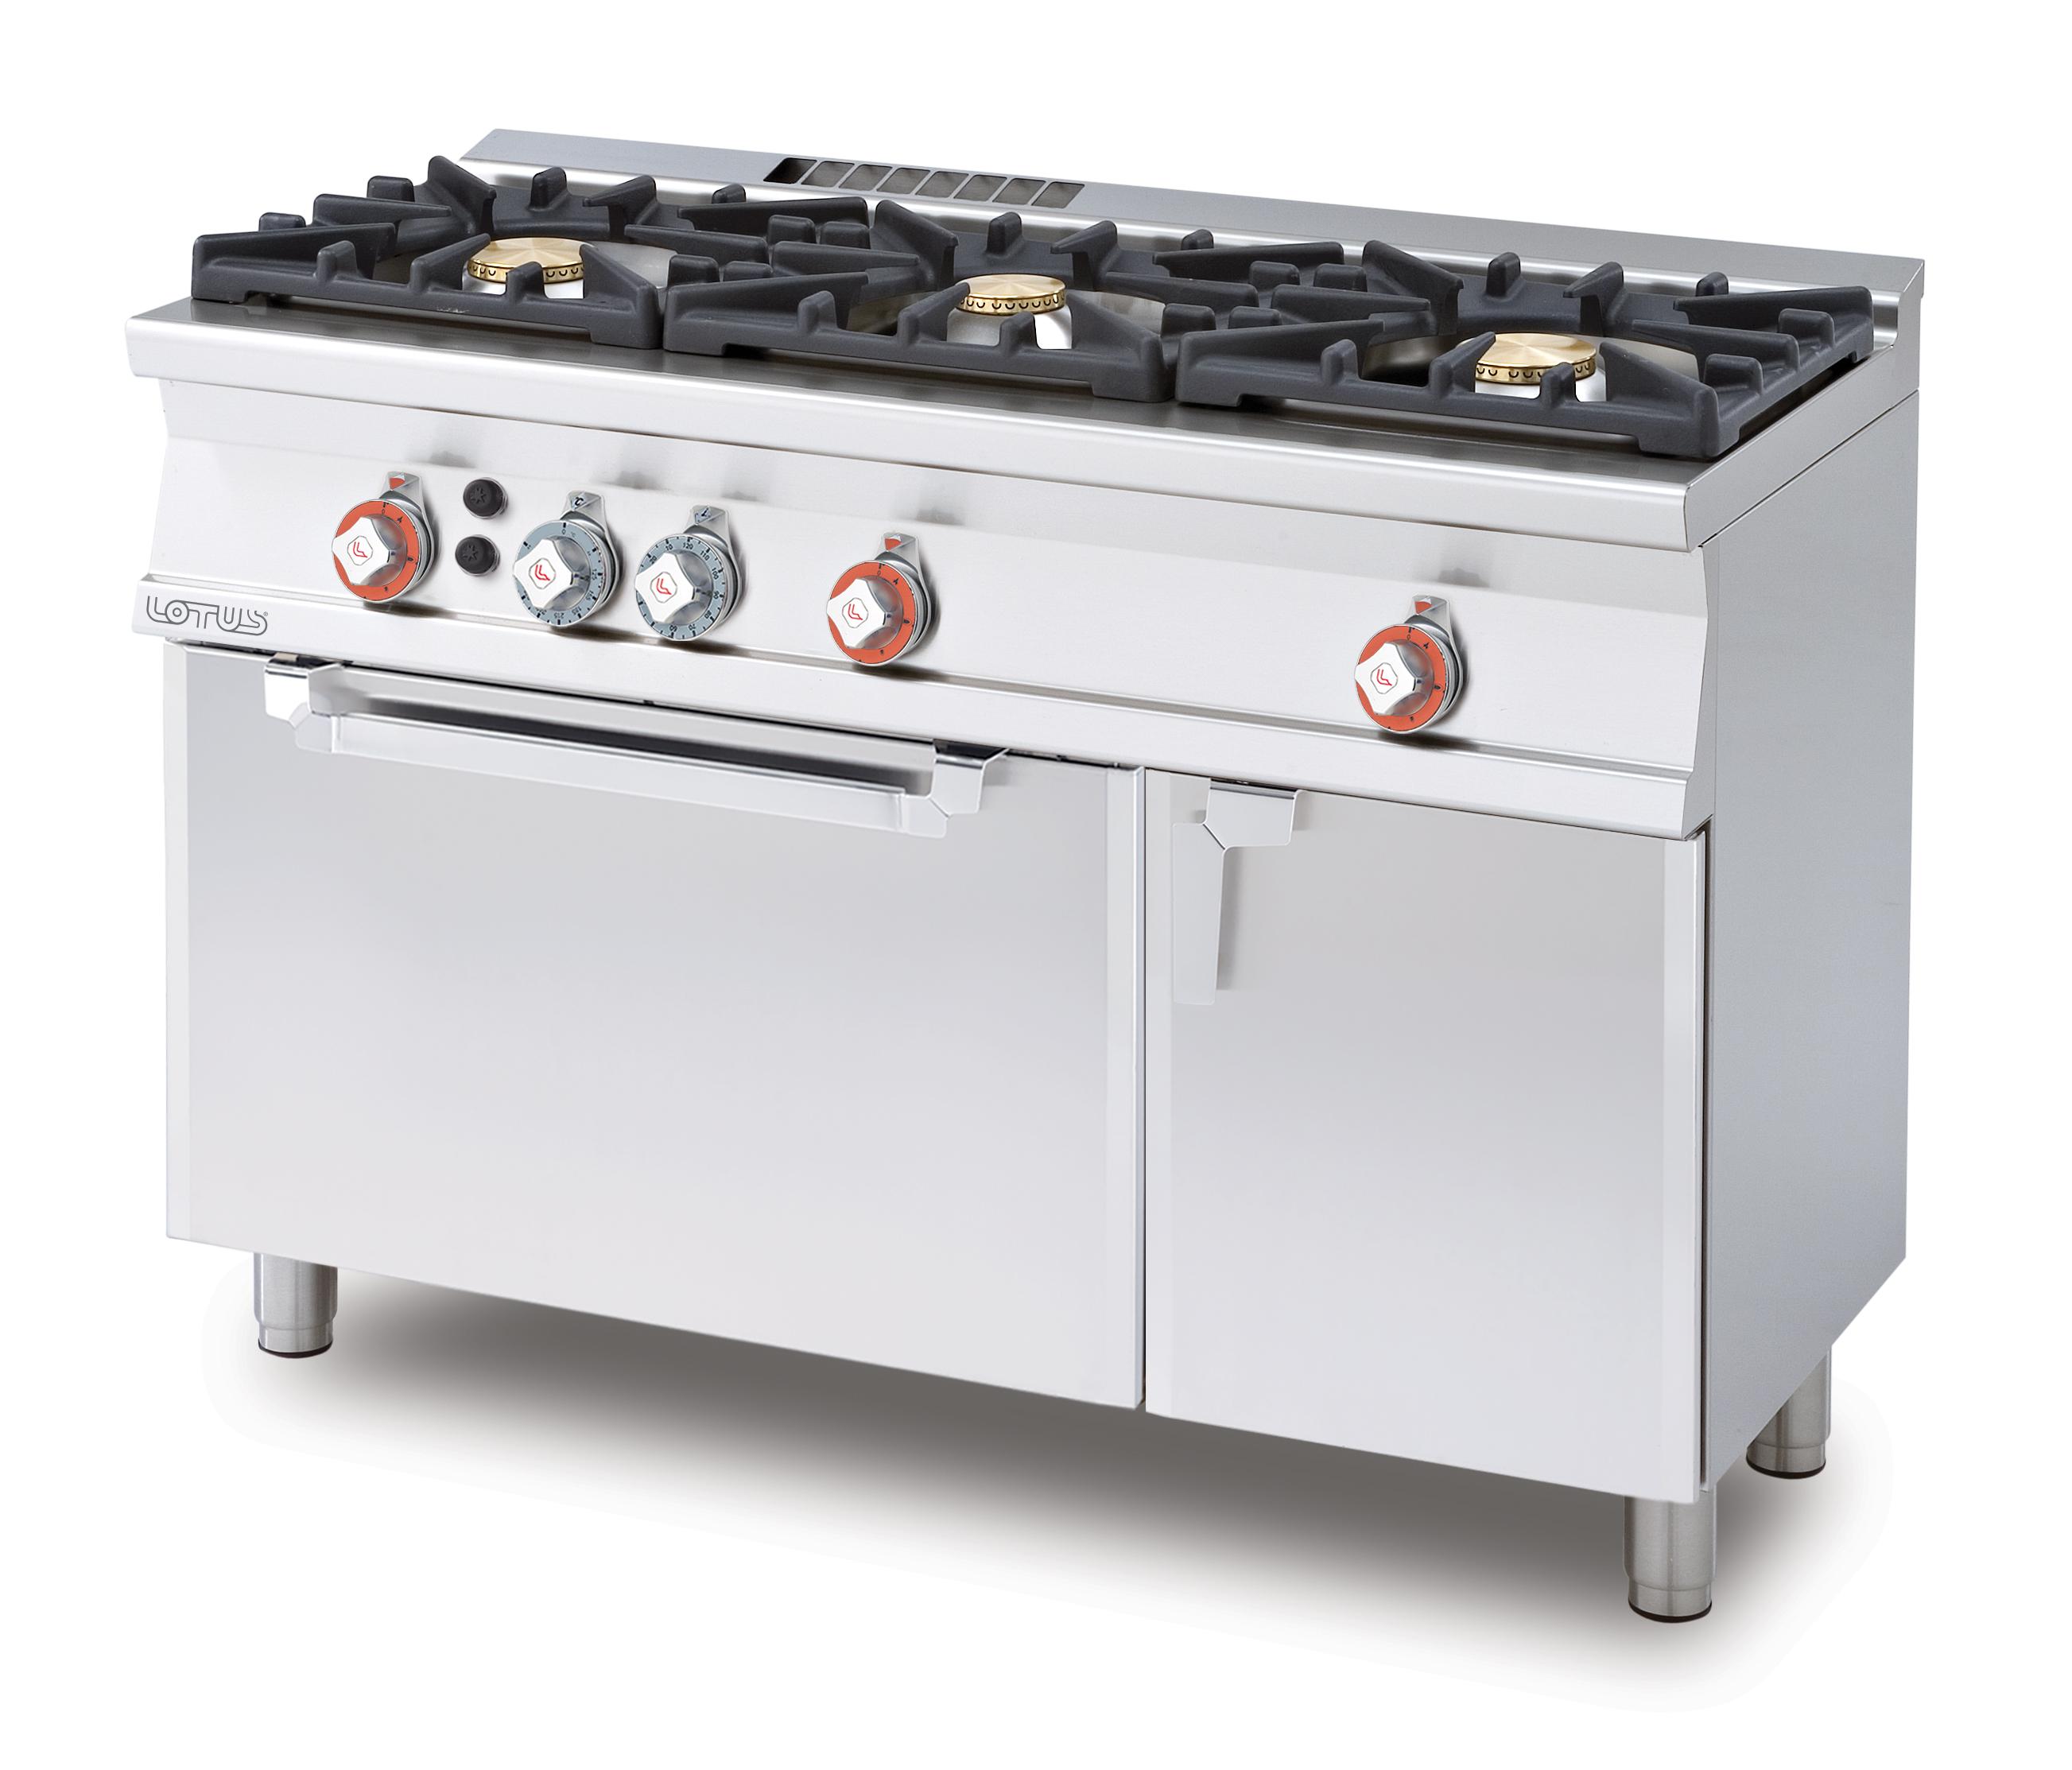 Lotus 55 iperlotus cucine a gas - Cocinas de segunda mano malaga ...